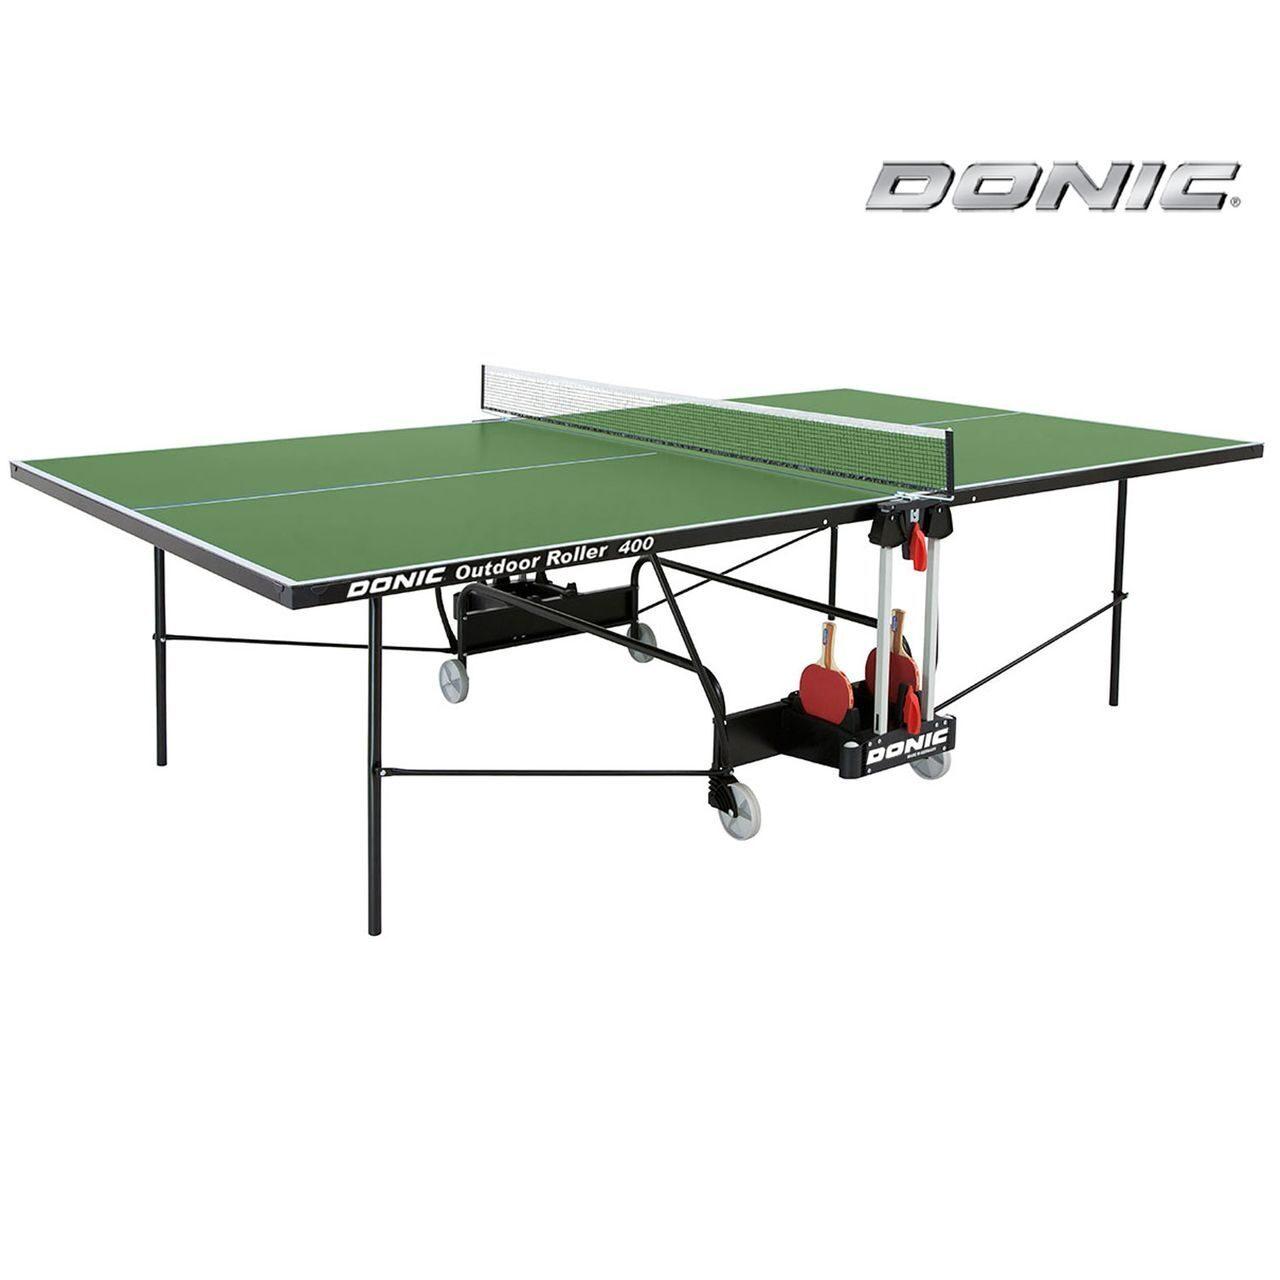 Всепогодный теннисный стол Donic Outdoor Roller 400 зеленый 230294-G